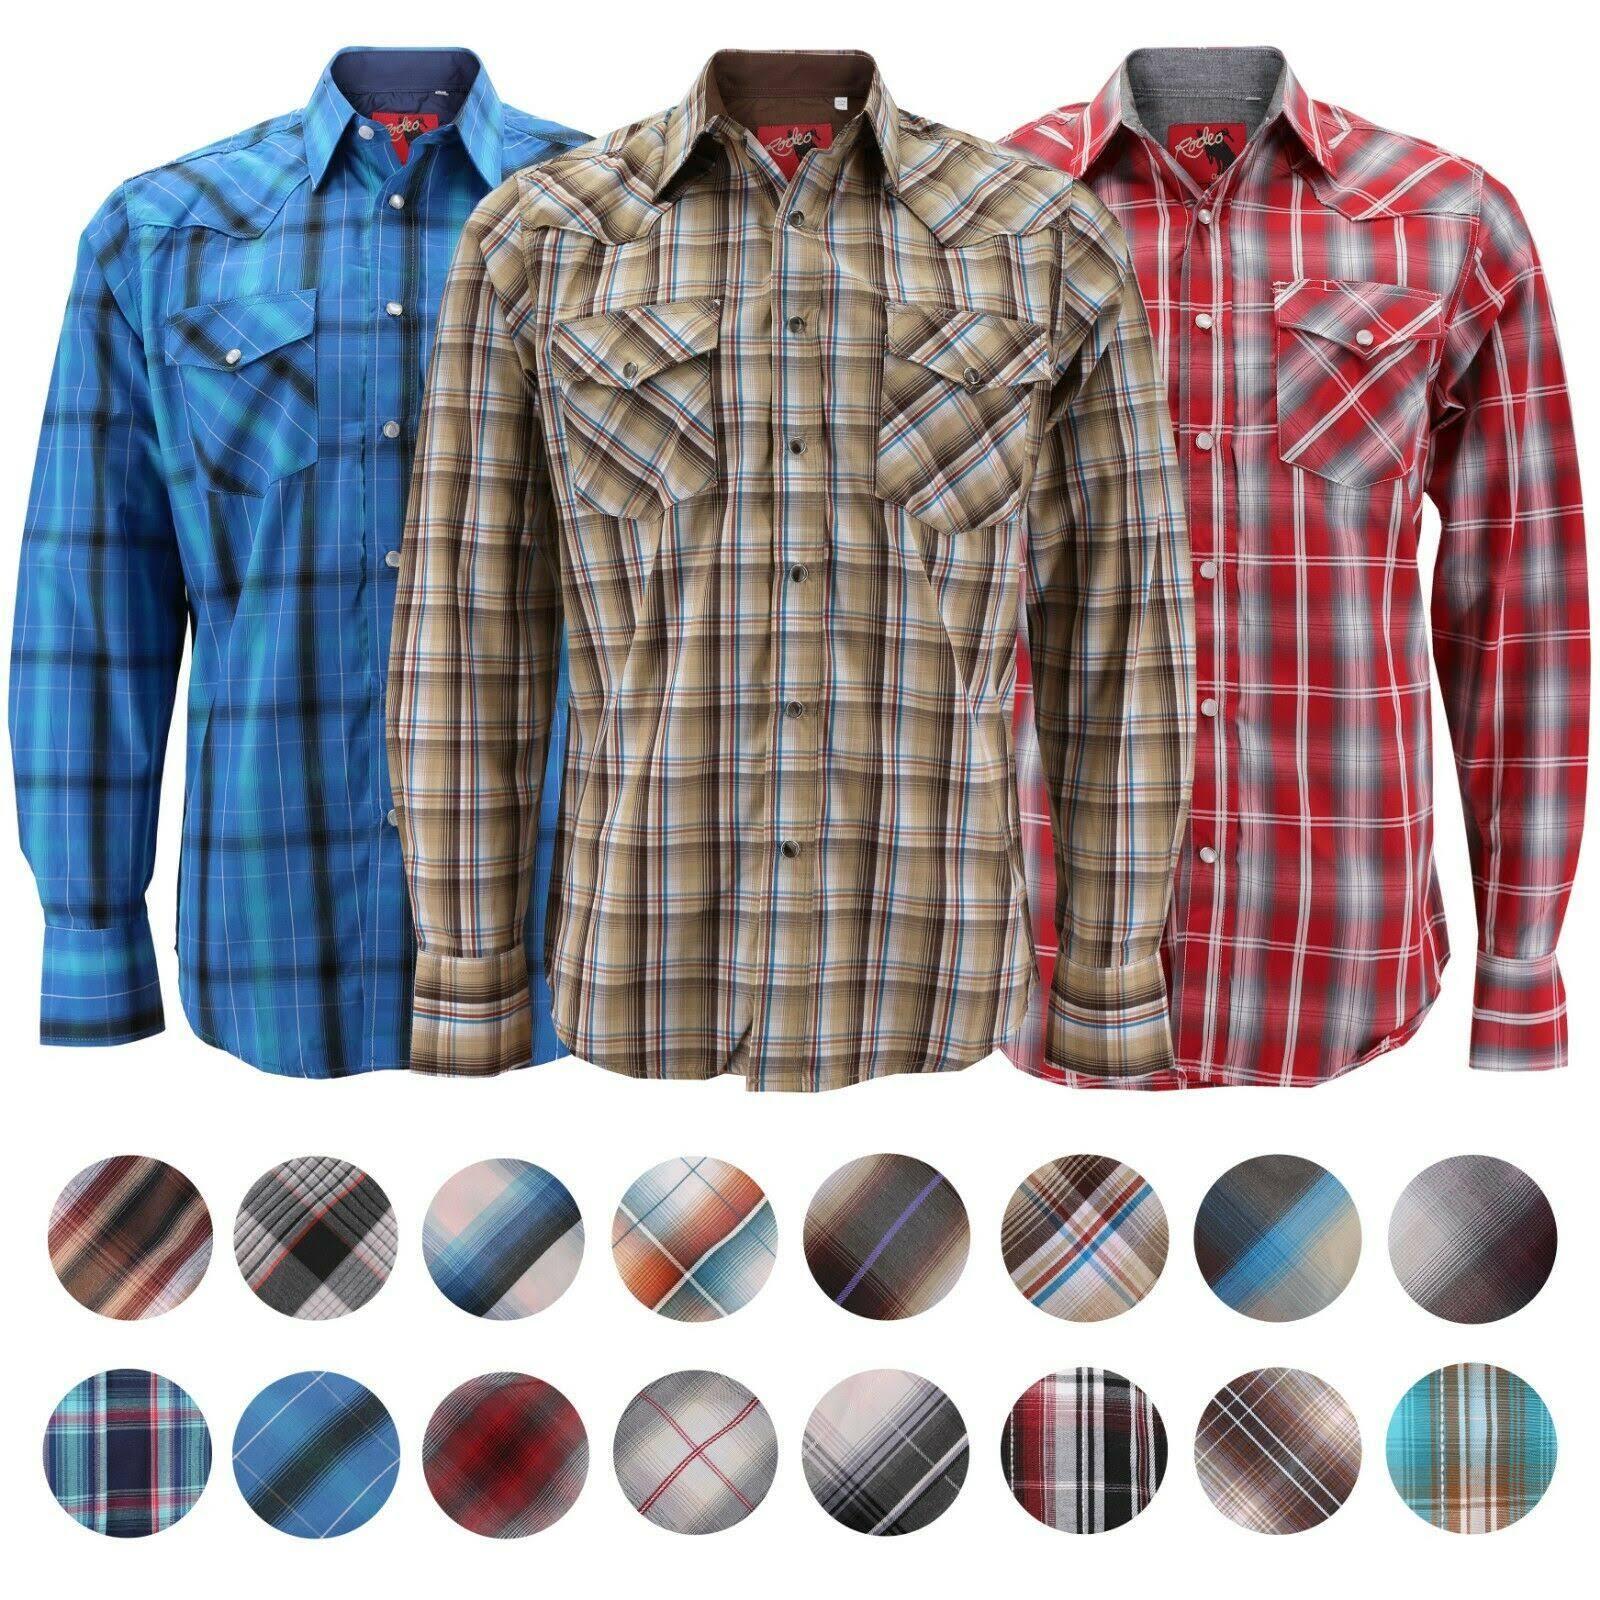 Cowboy Rodeo A Poliéster 40 De Clothing 60 Ps504 Burdeos Cuadros Presión Con Western Cierre Pearl Algodón Para Hombre Manga Larga Camisa Xl wwpOxAEnr4